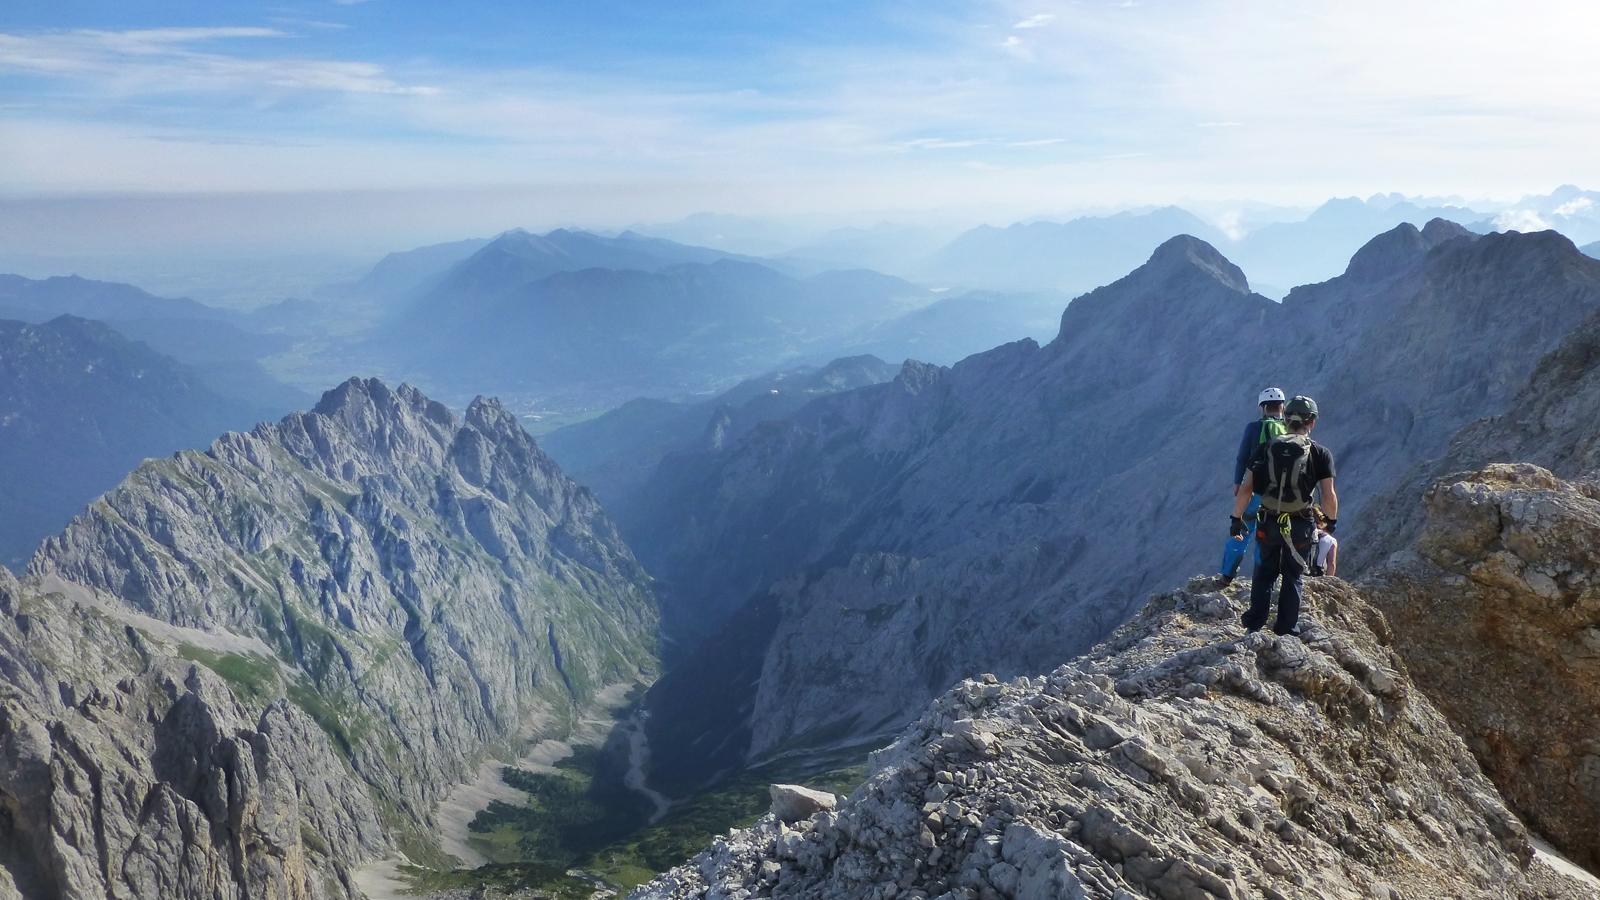 Jubiläumsgrat Klettersteigset : Auf dem jubiläumsgrat